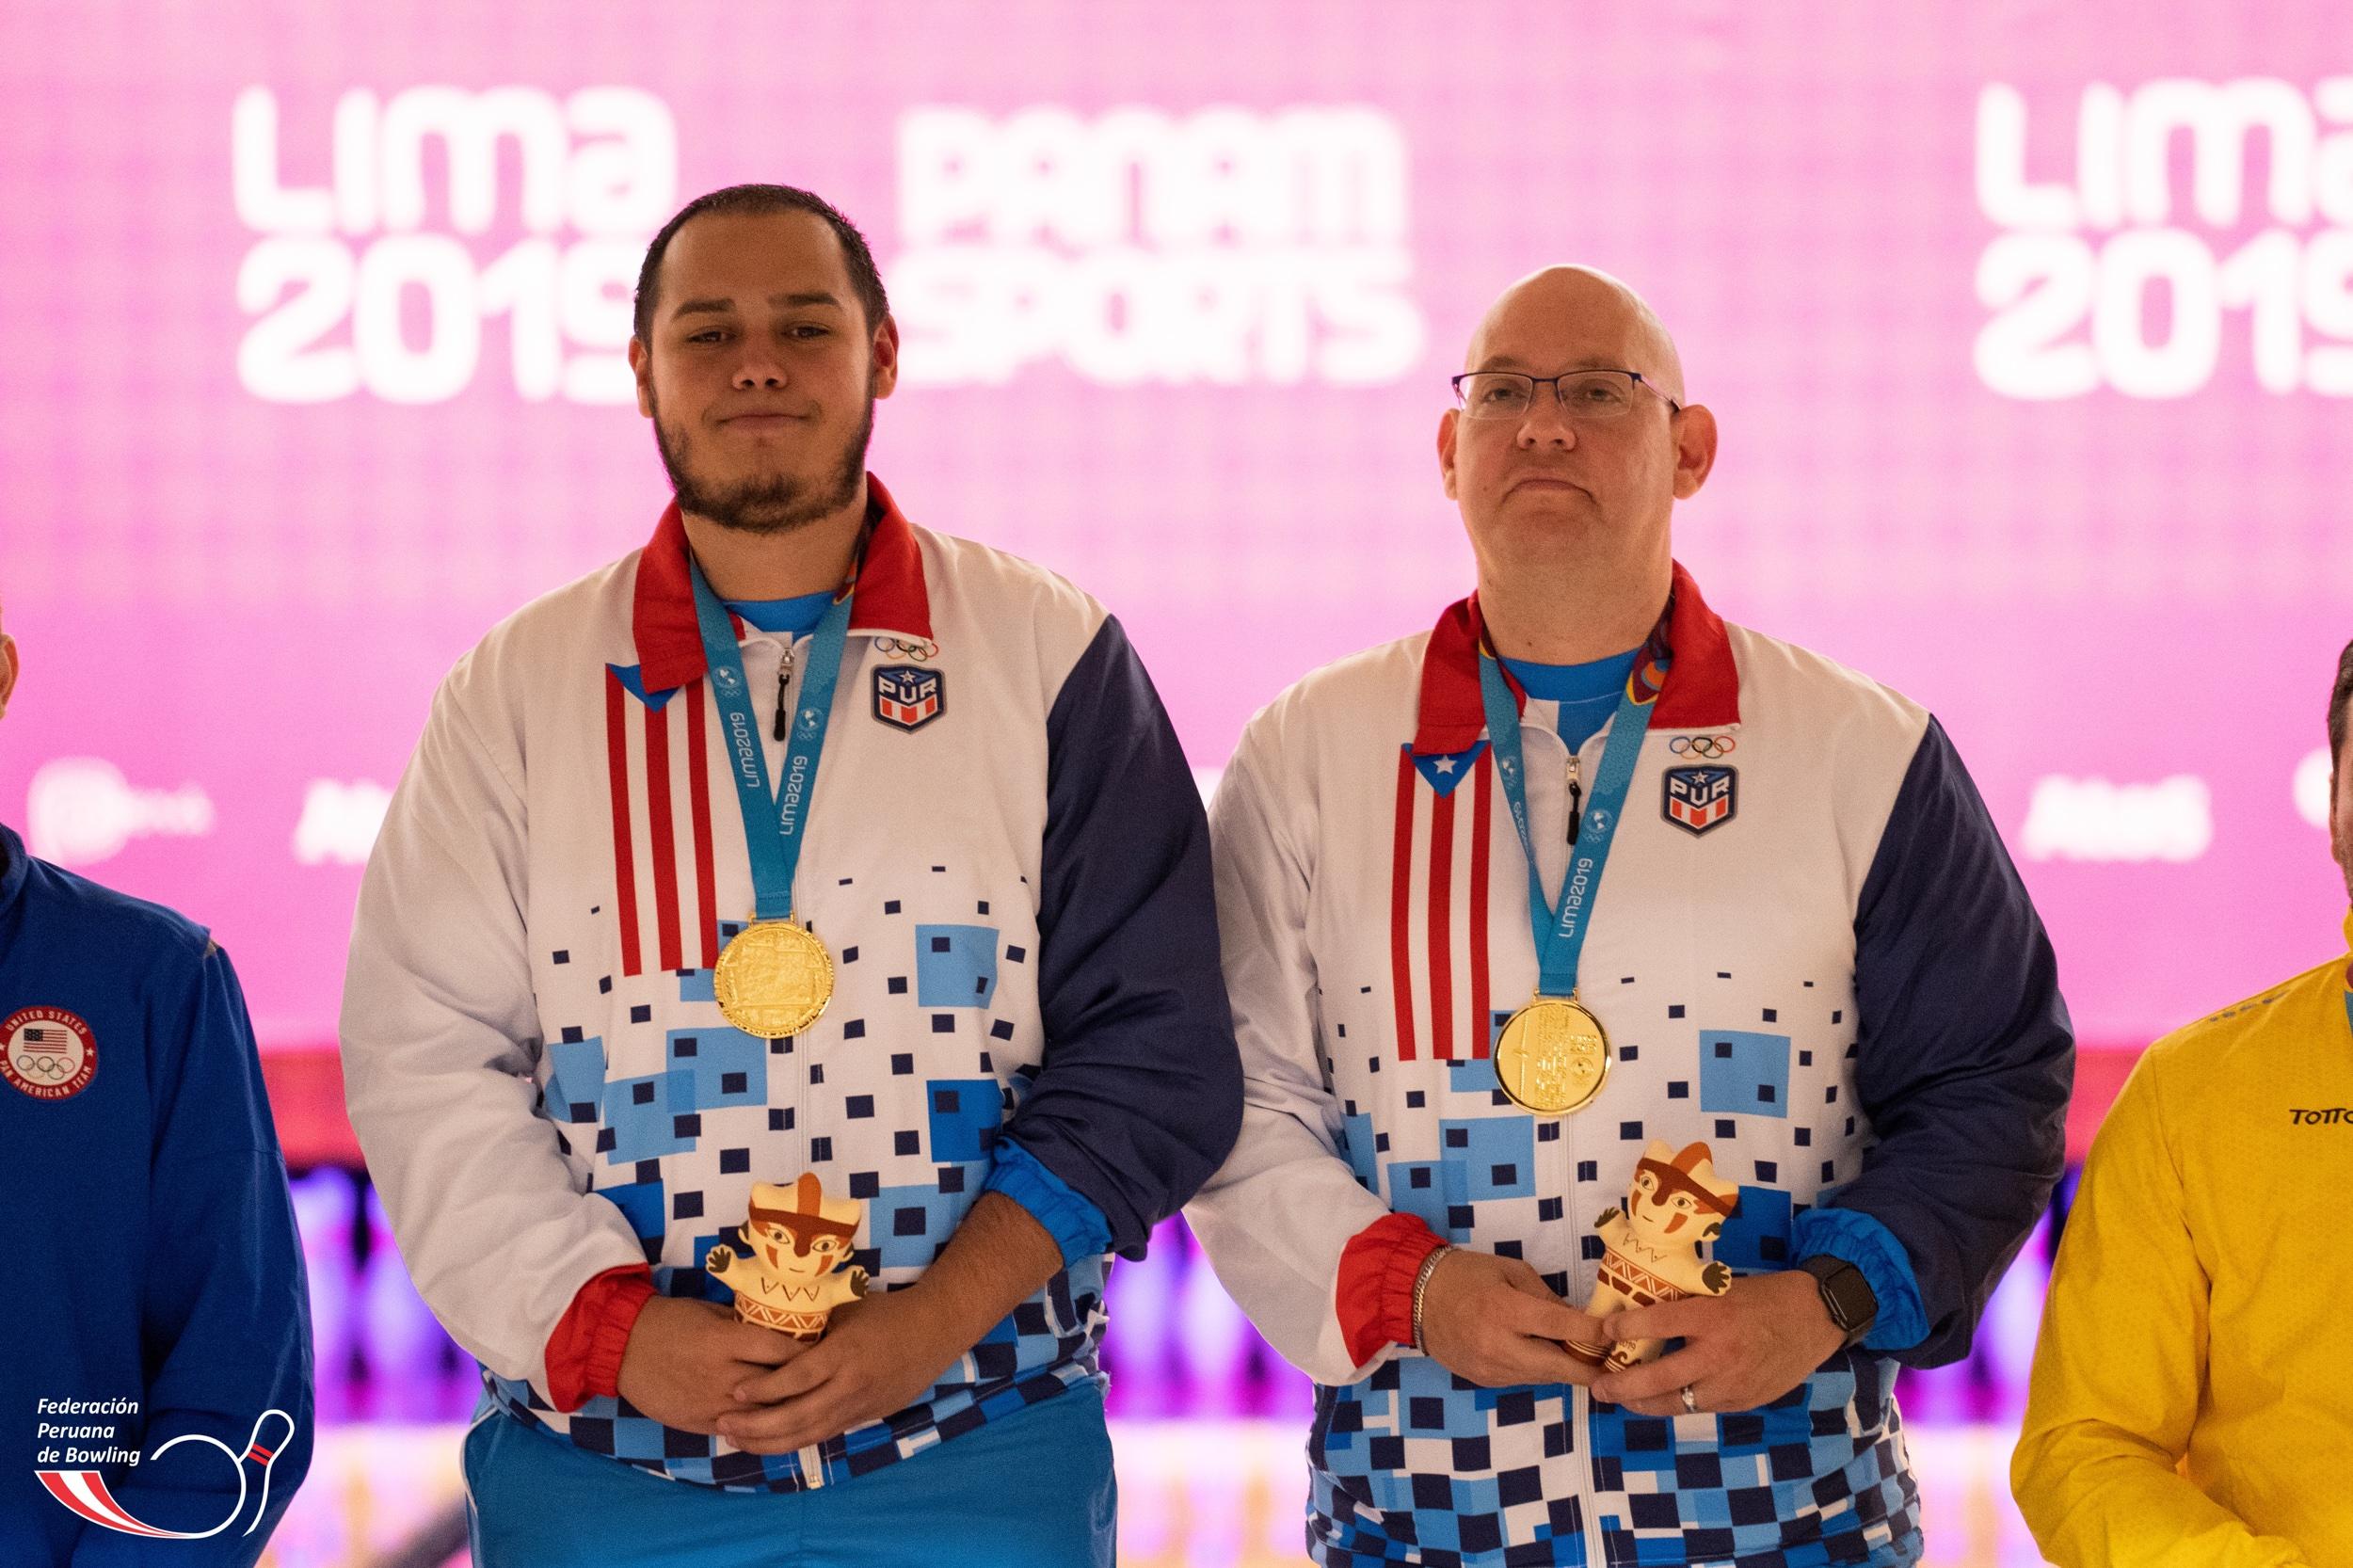 Cristian Azcona y Jean Francisco Perez (Puerto Rico). Campeones en la modalidad dobles con 5816 palos derribados, Récord Panamericano.